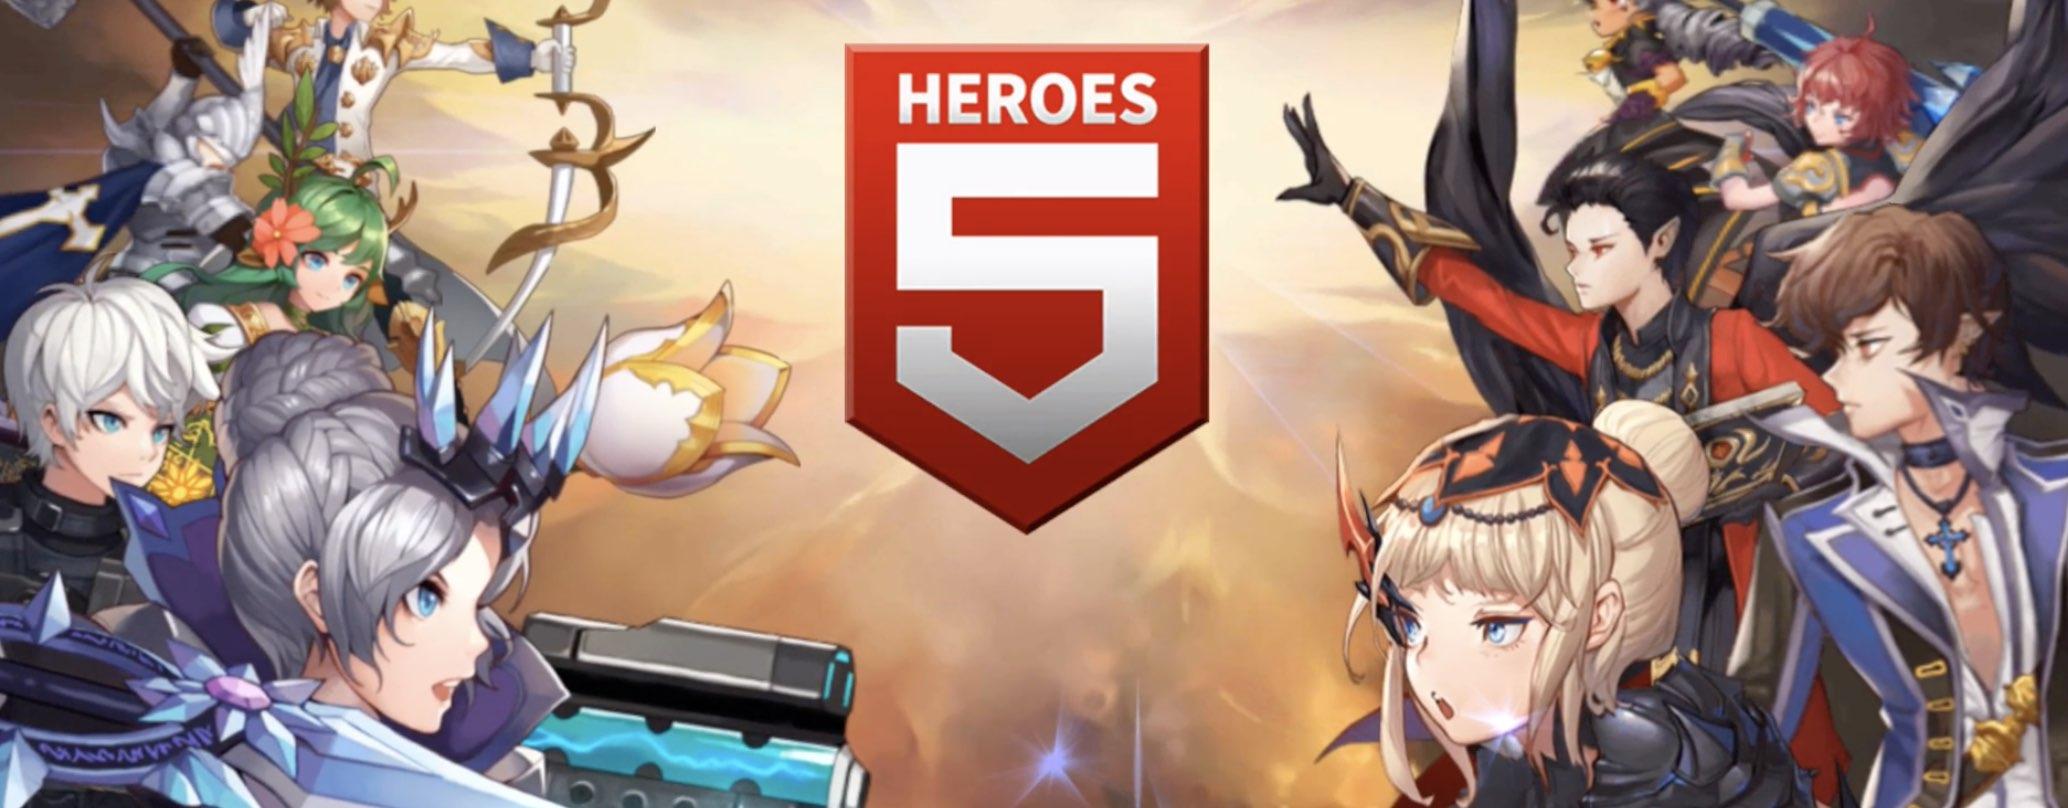 Heroes 5 hack relics